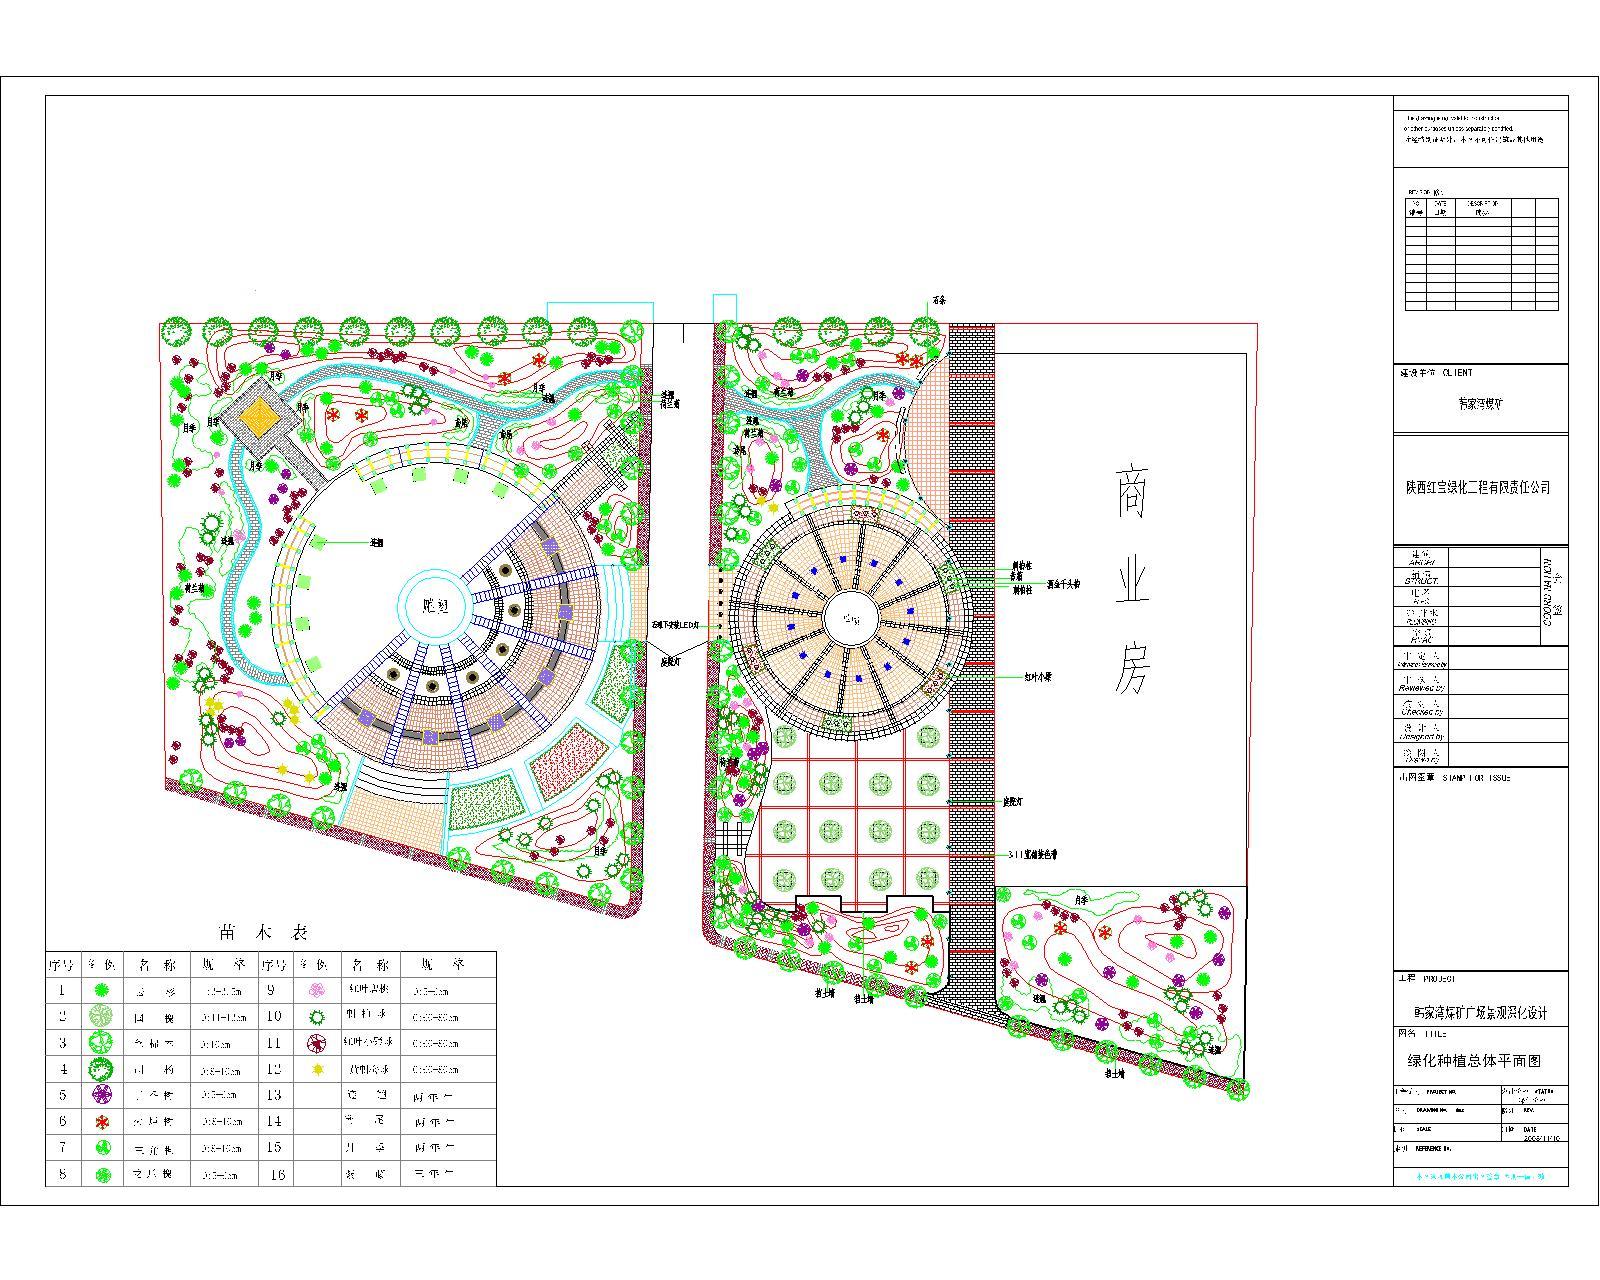 广场手绘平面图简单版